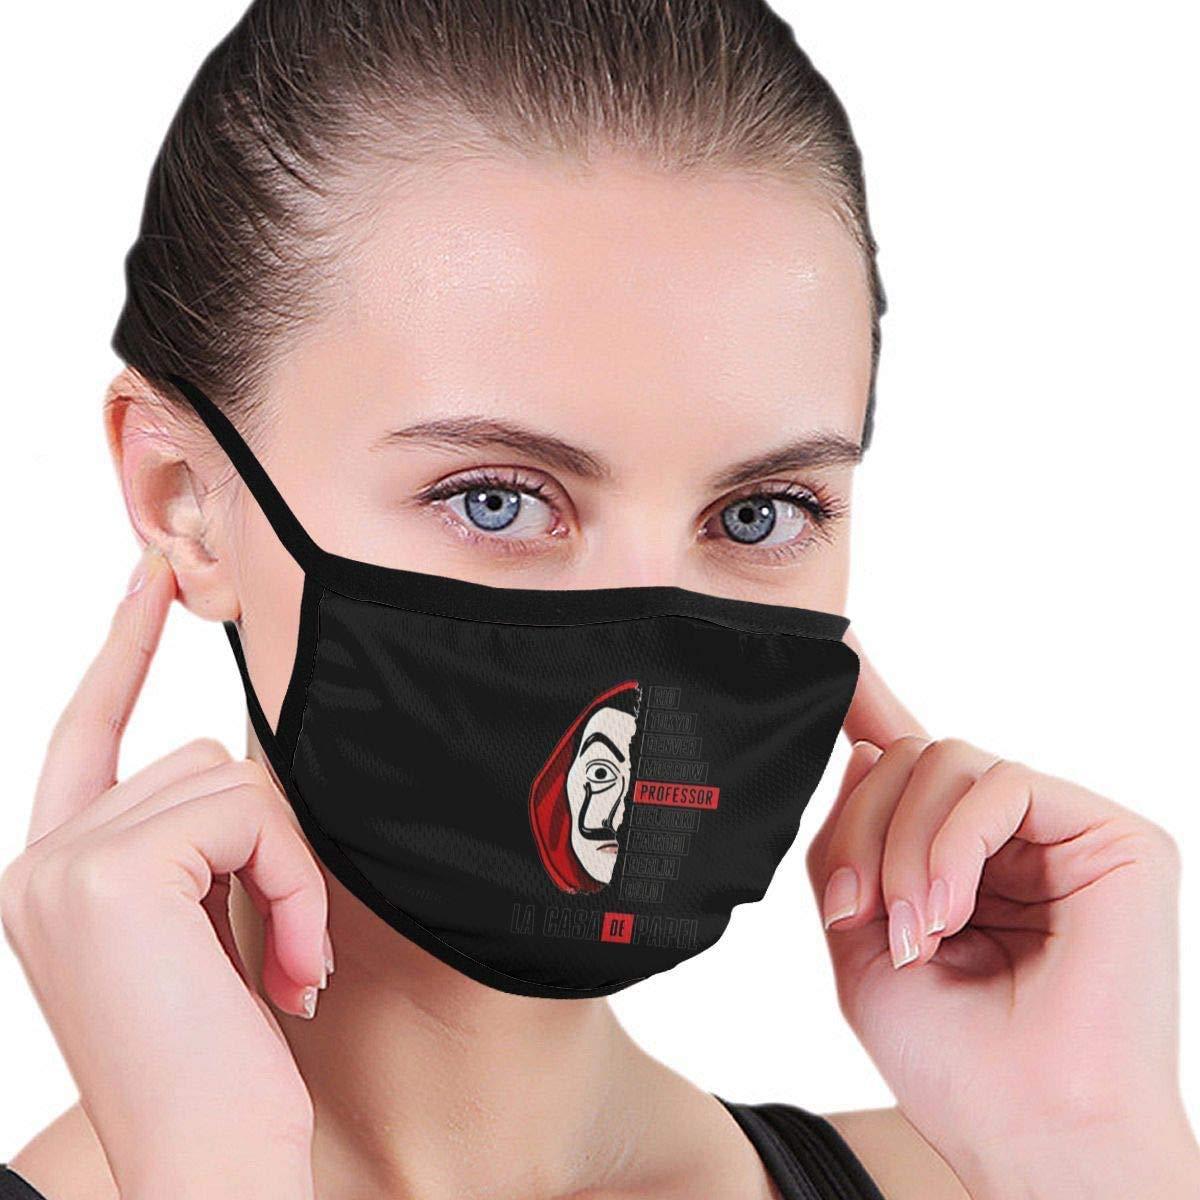 HAIRUSU Casa De Papel Maschere antipolvere alla moda unisex Modello elegante Maschera per uomini Donne Attività all'aperto